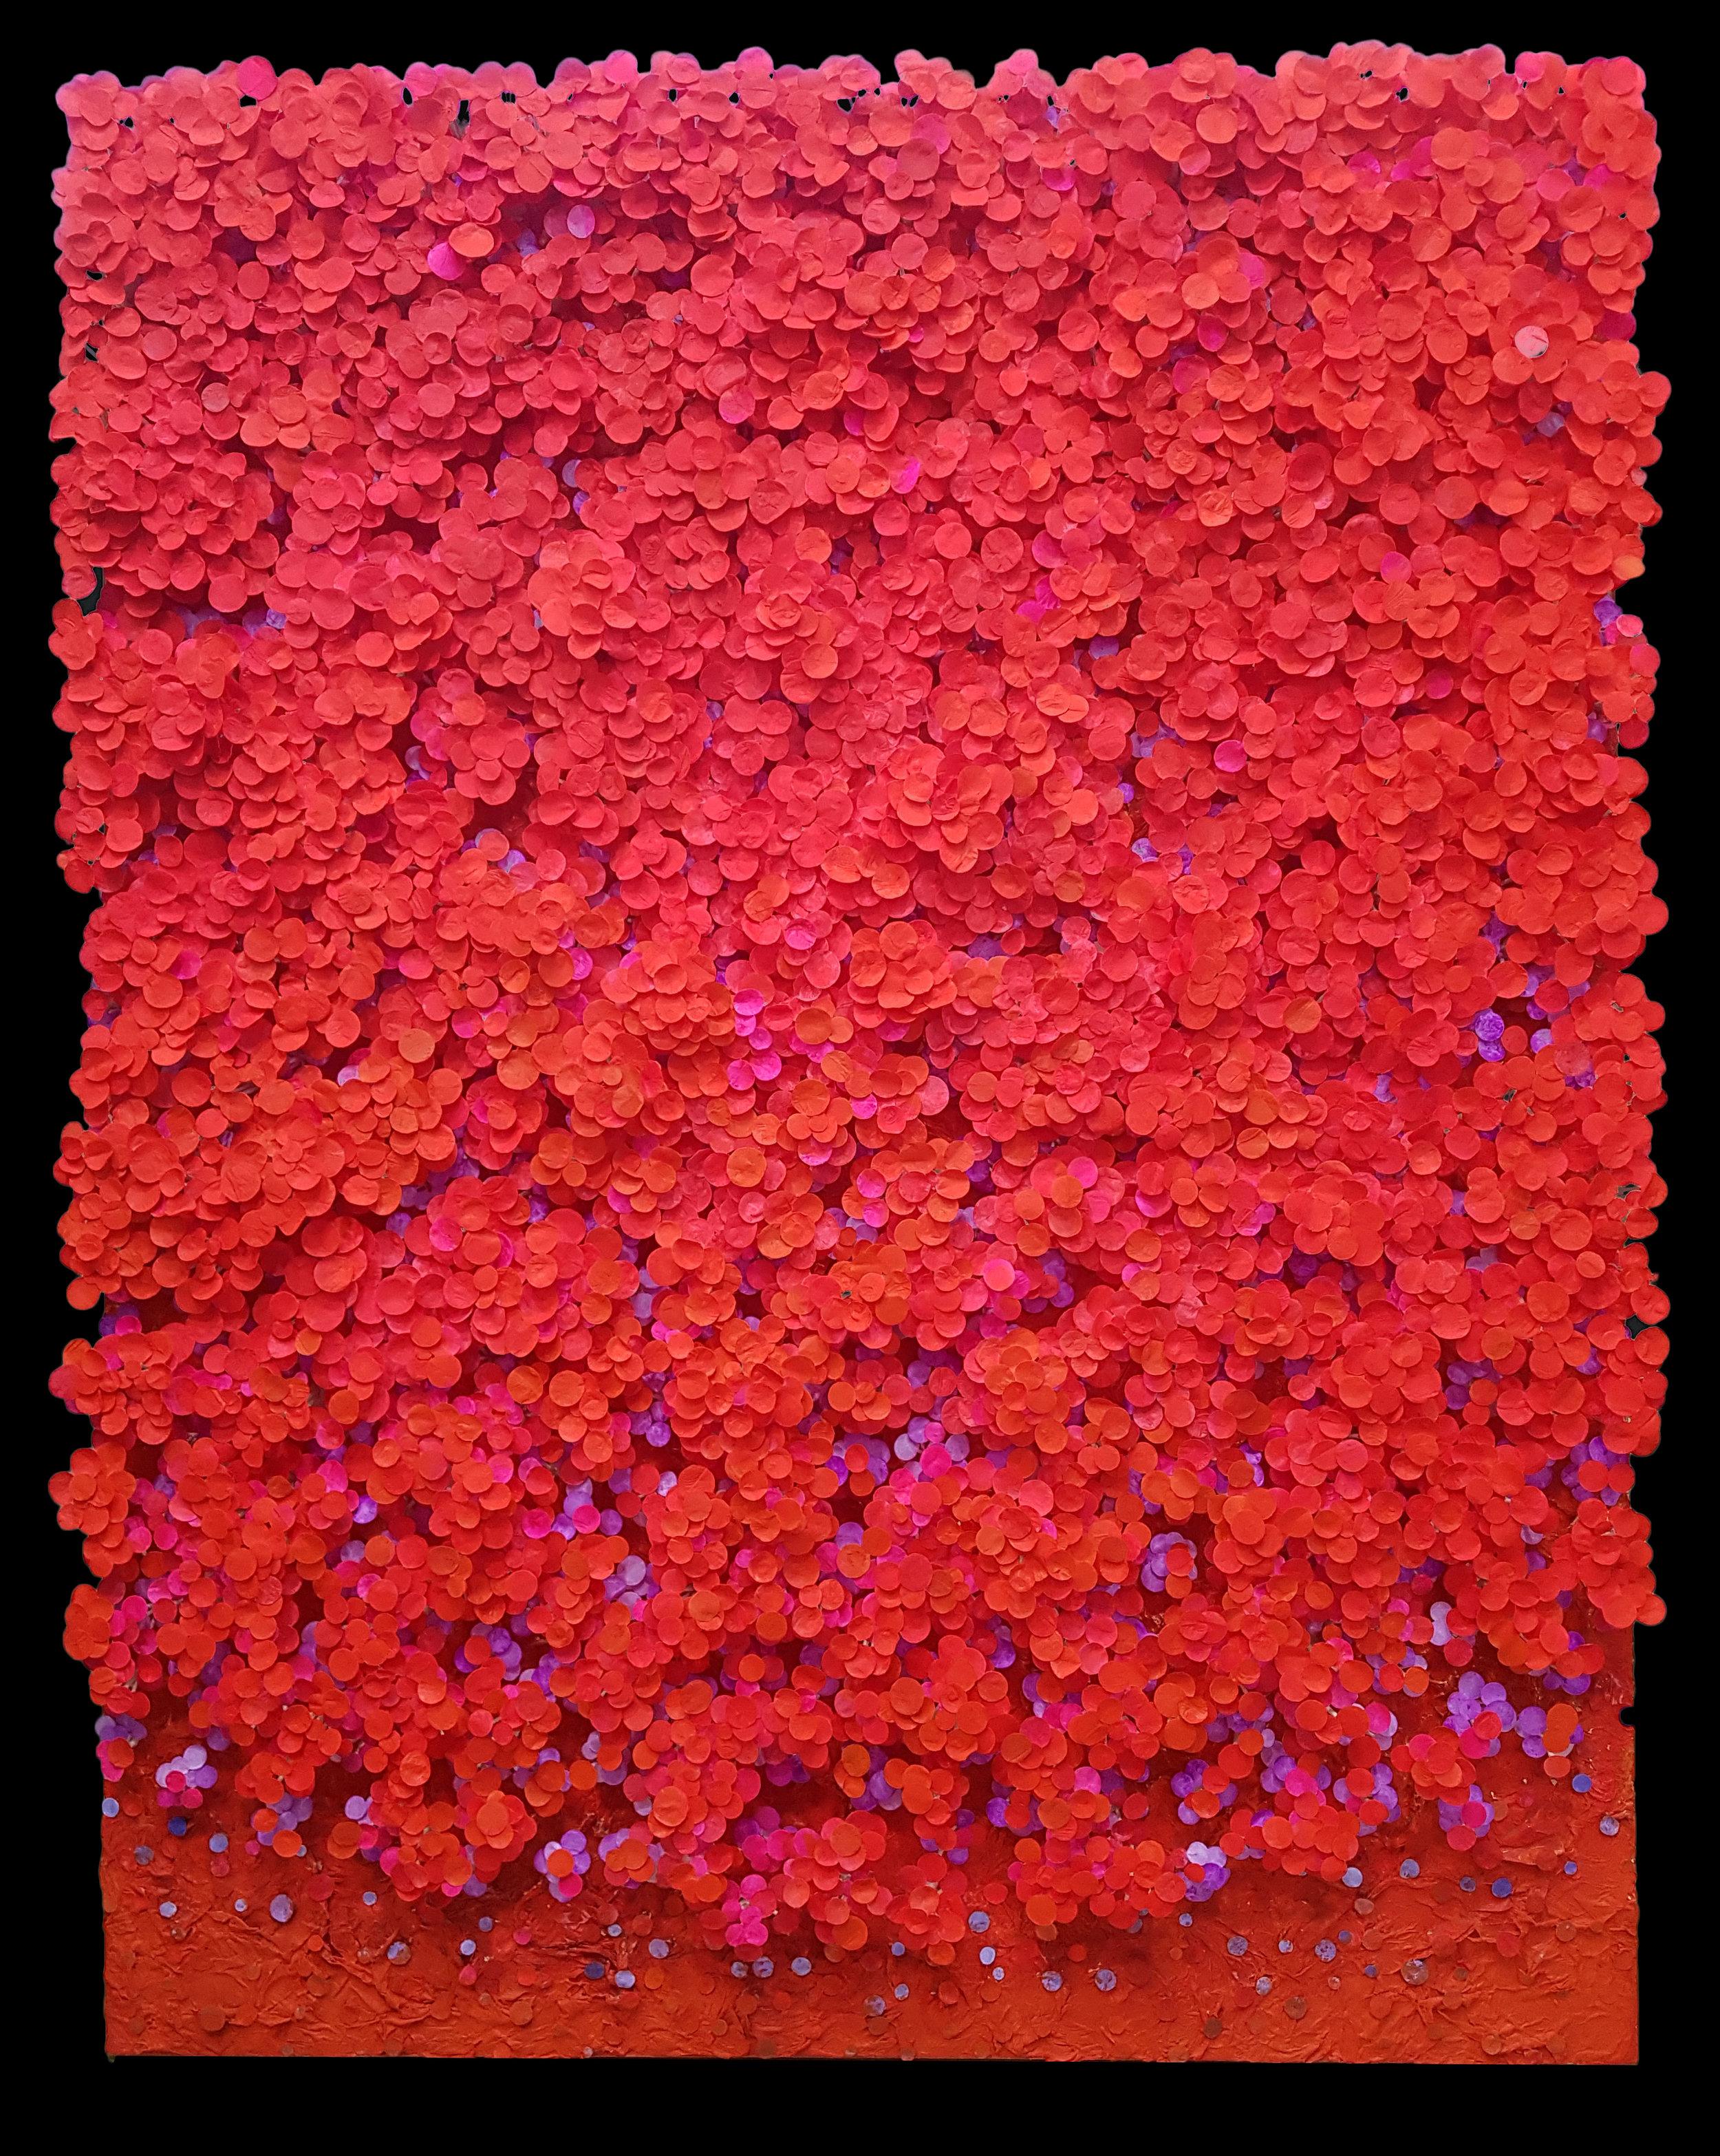 Red Blossom on redblack.jpg